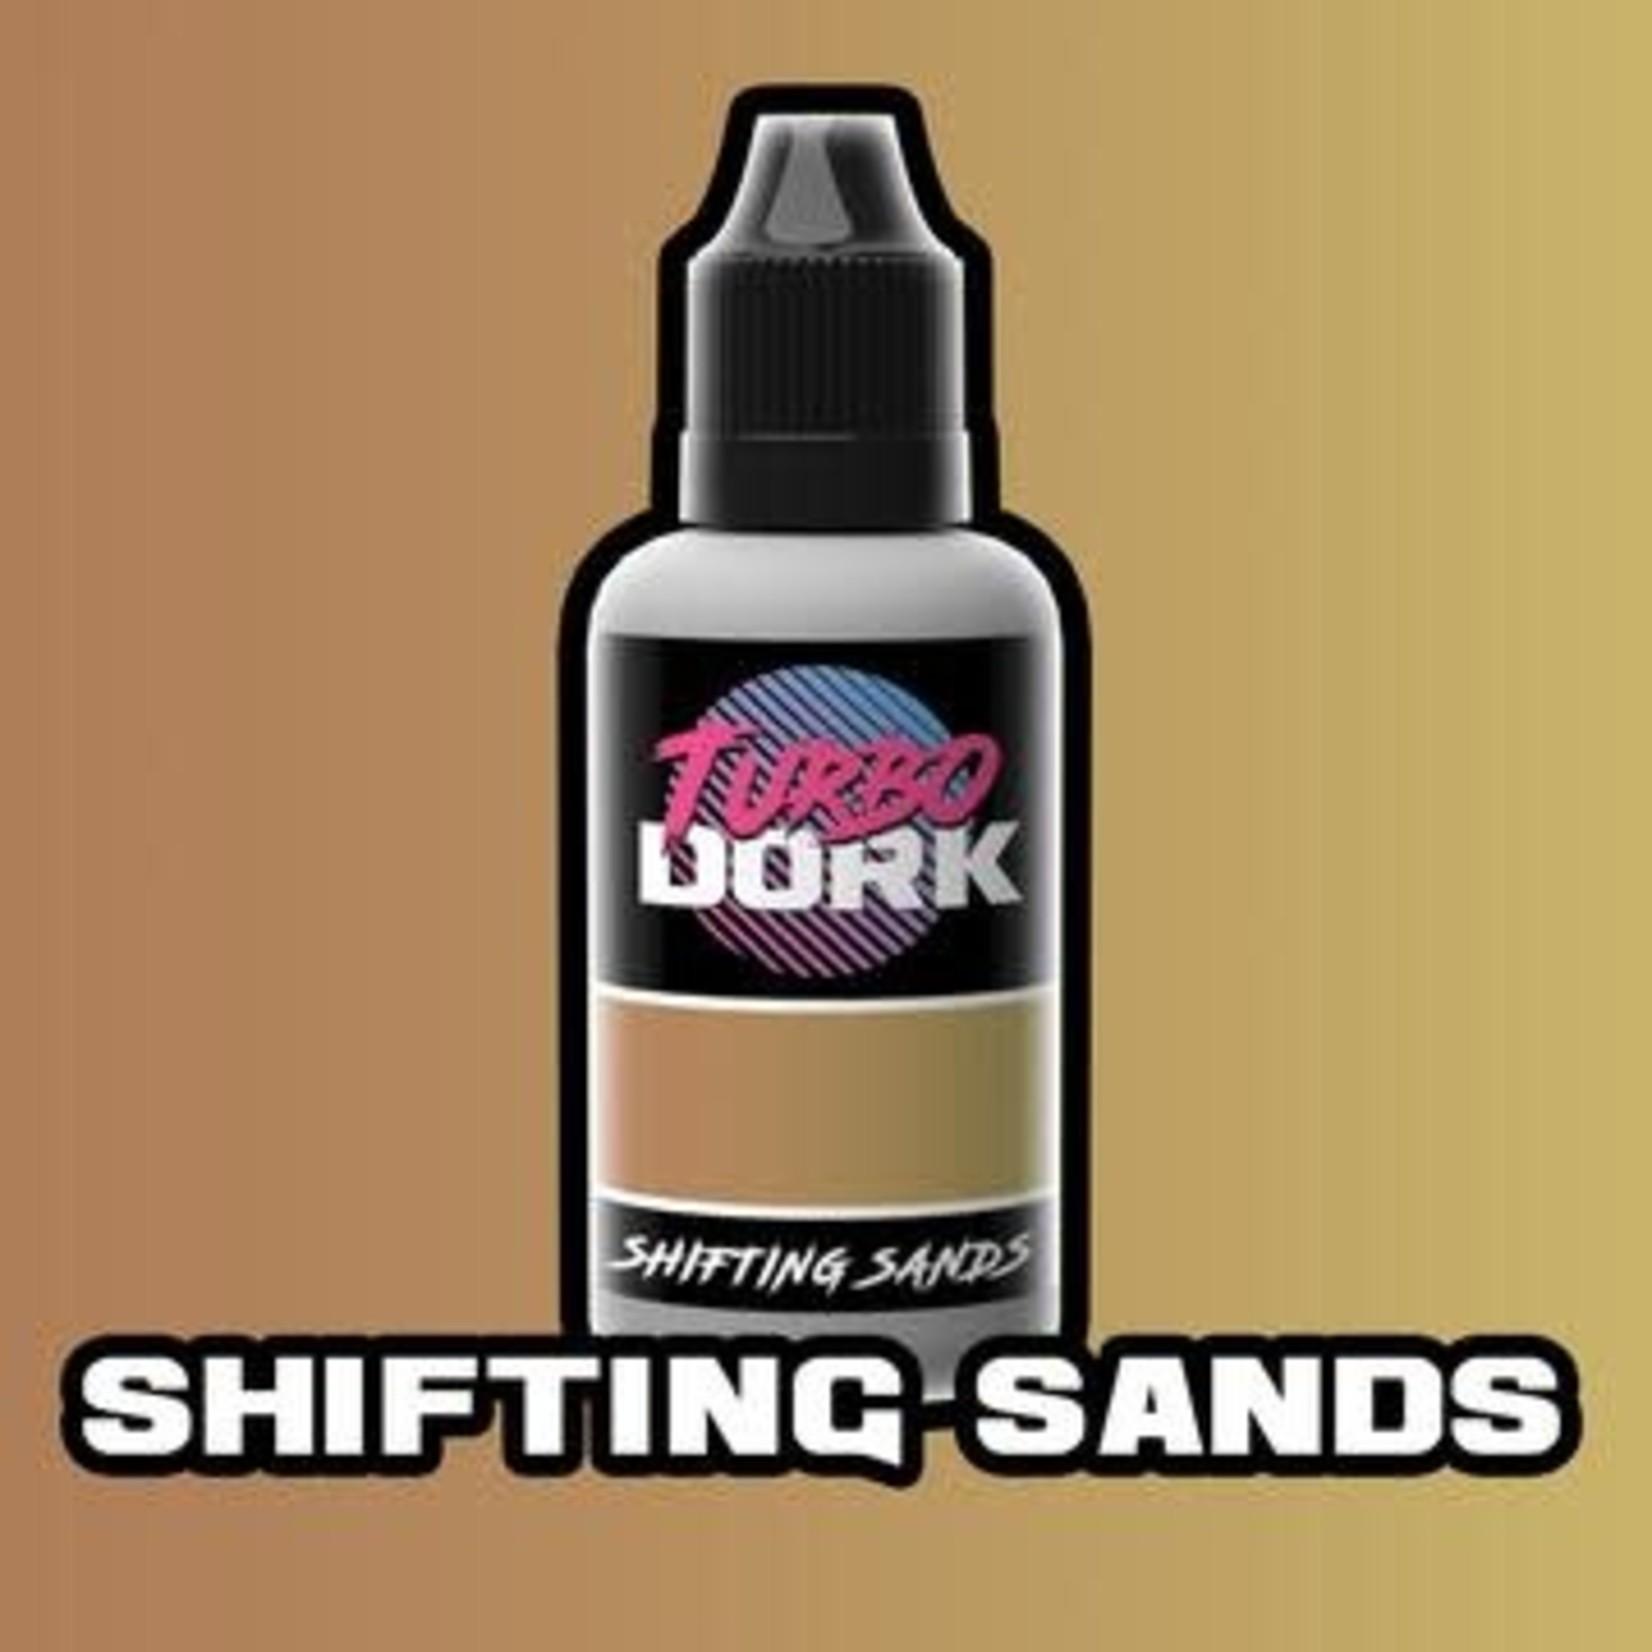 Turbo Dork Shifting Sands (Turboshift)